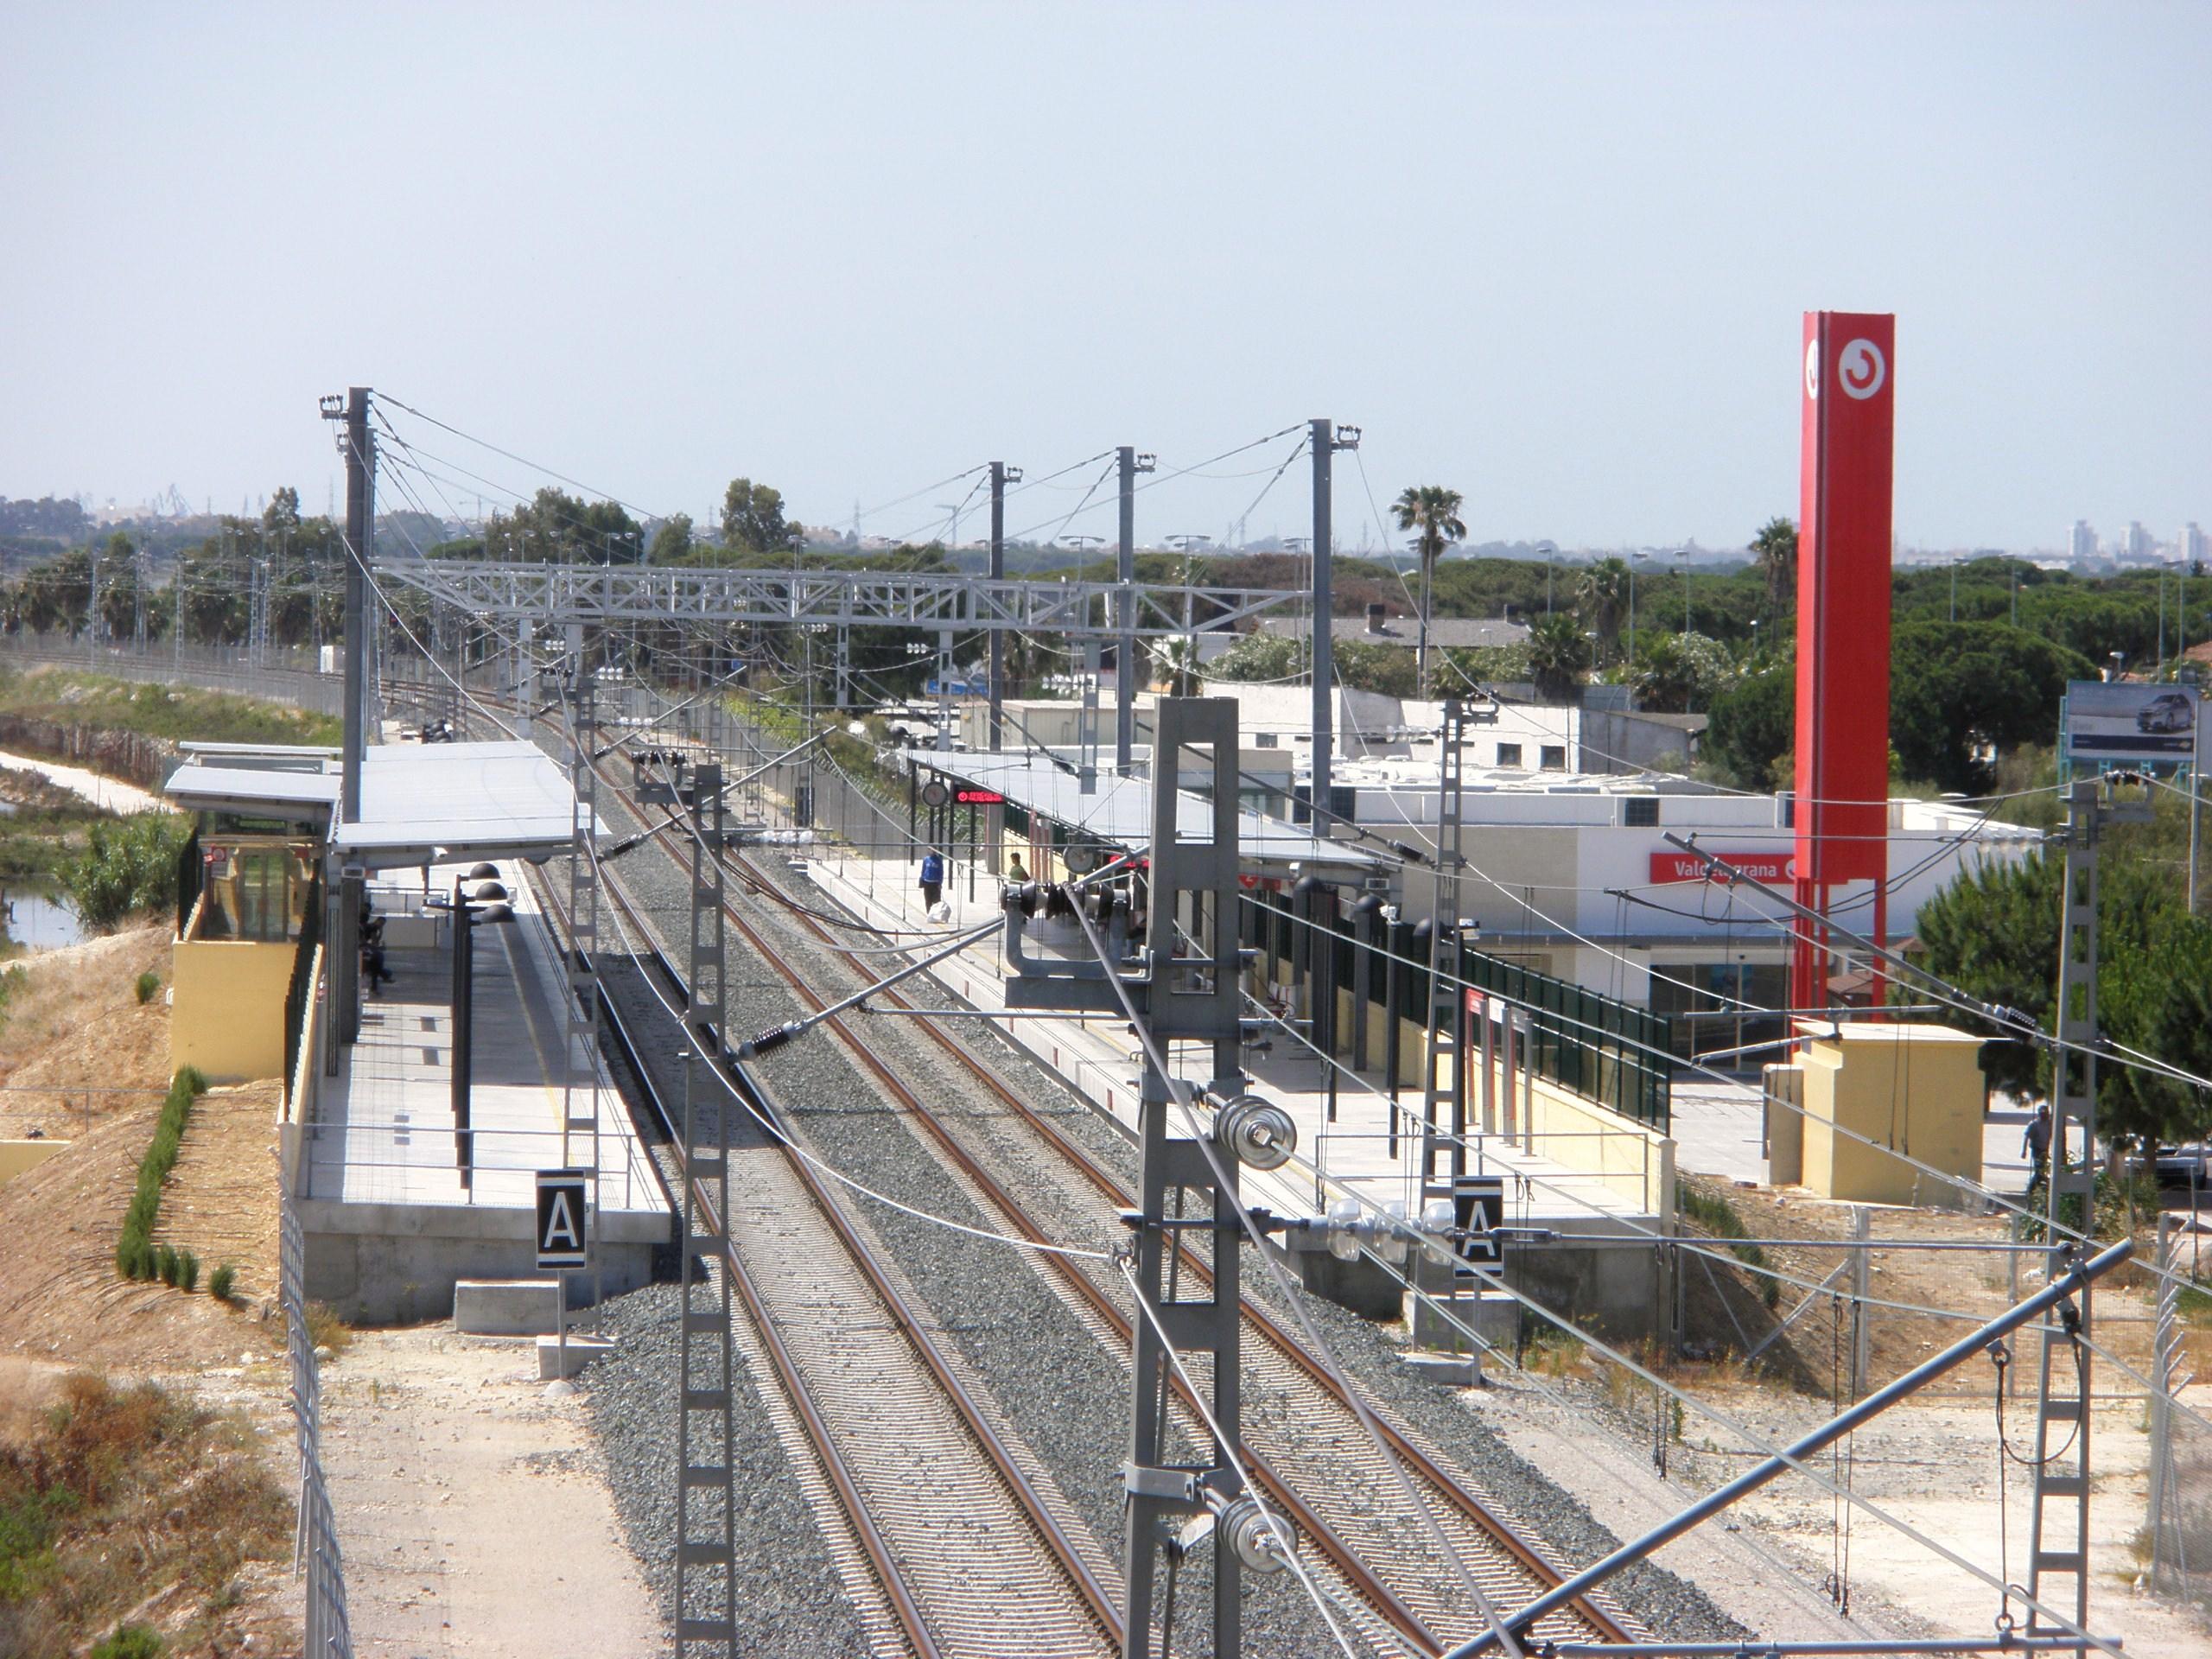 File estaci n de trenes de valdelagrana el puerto de santa mar a c diz espa a 2 jpg - Tren el puerto de santa maria madrid ...